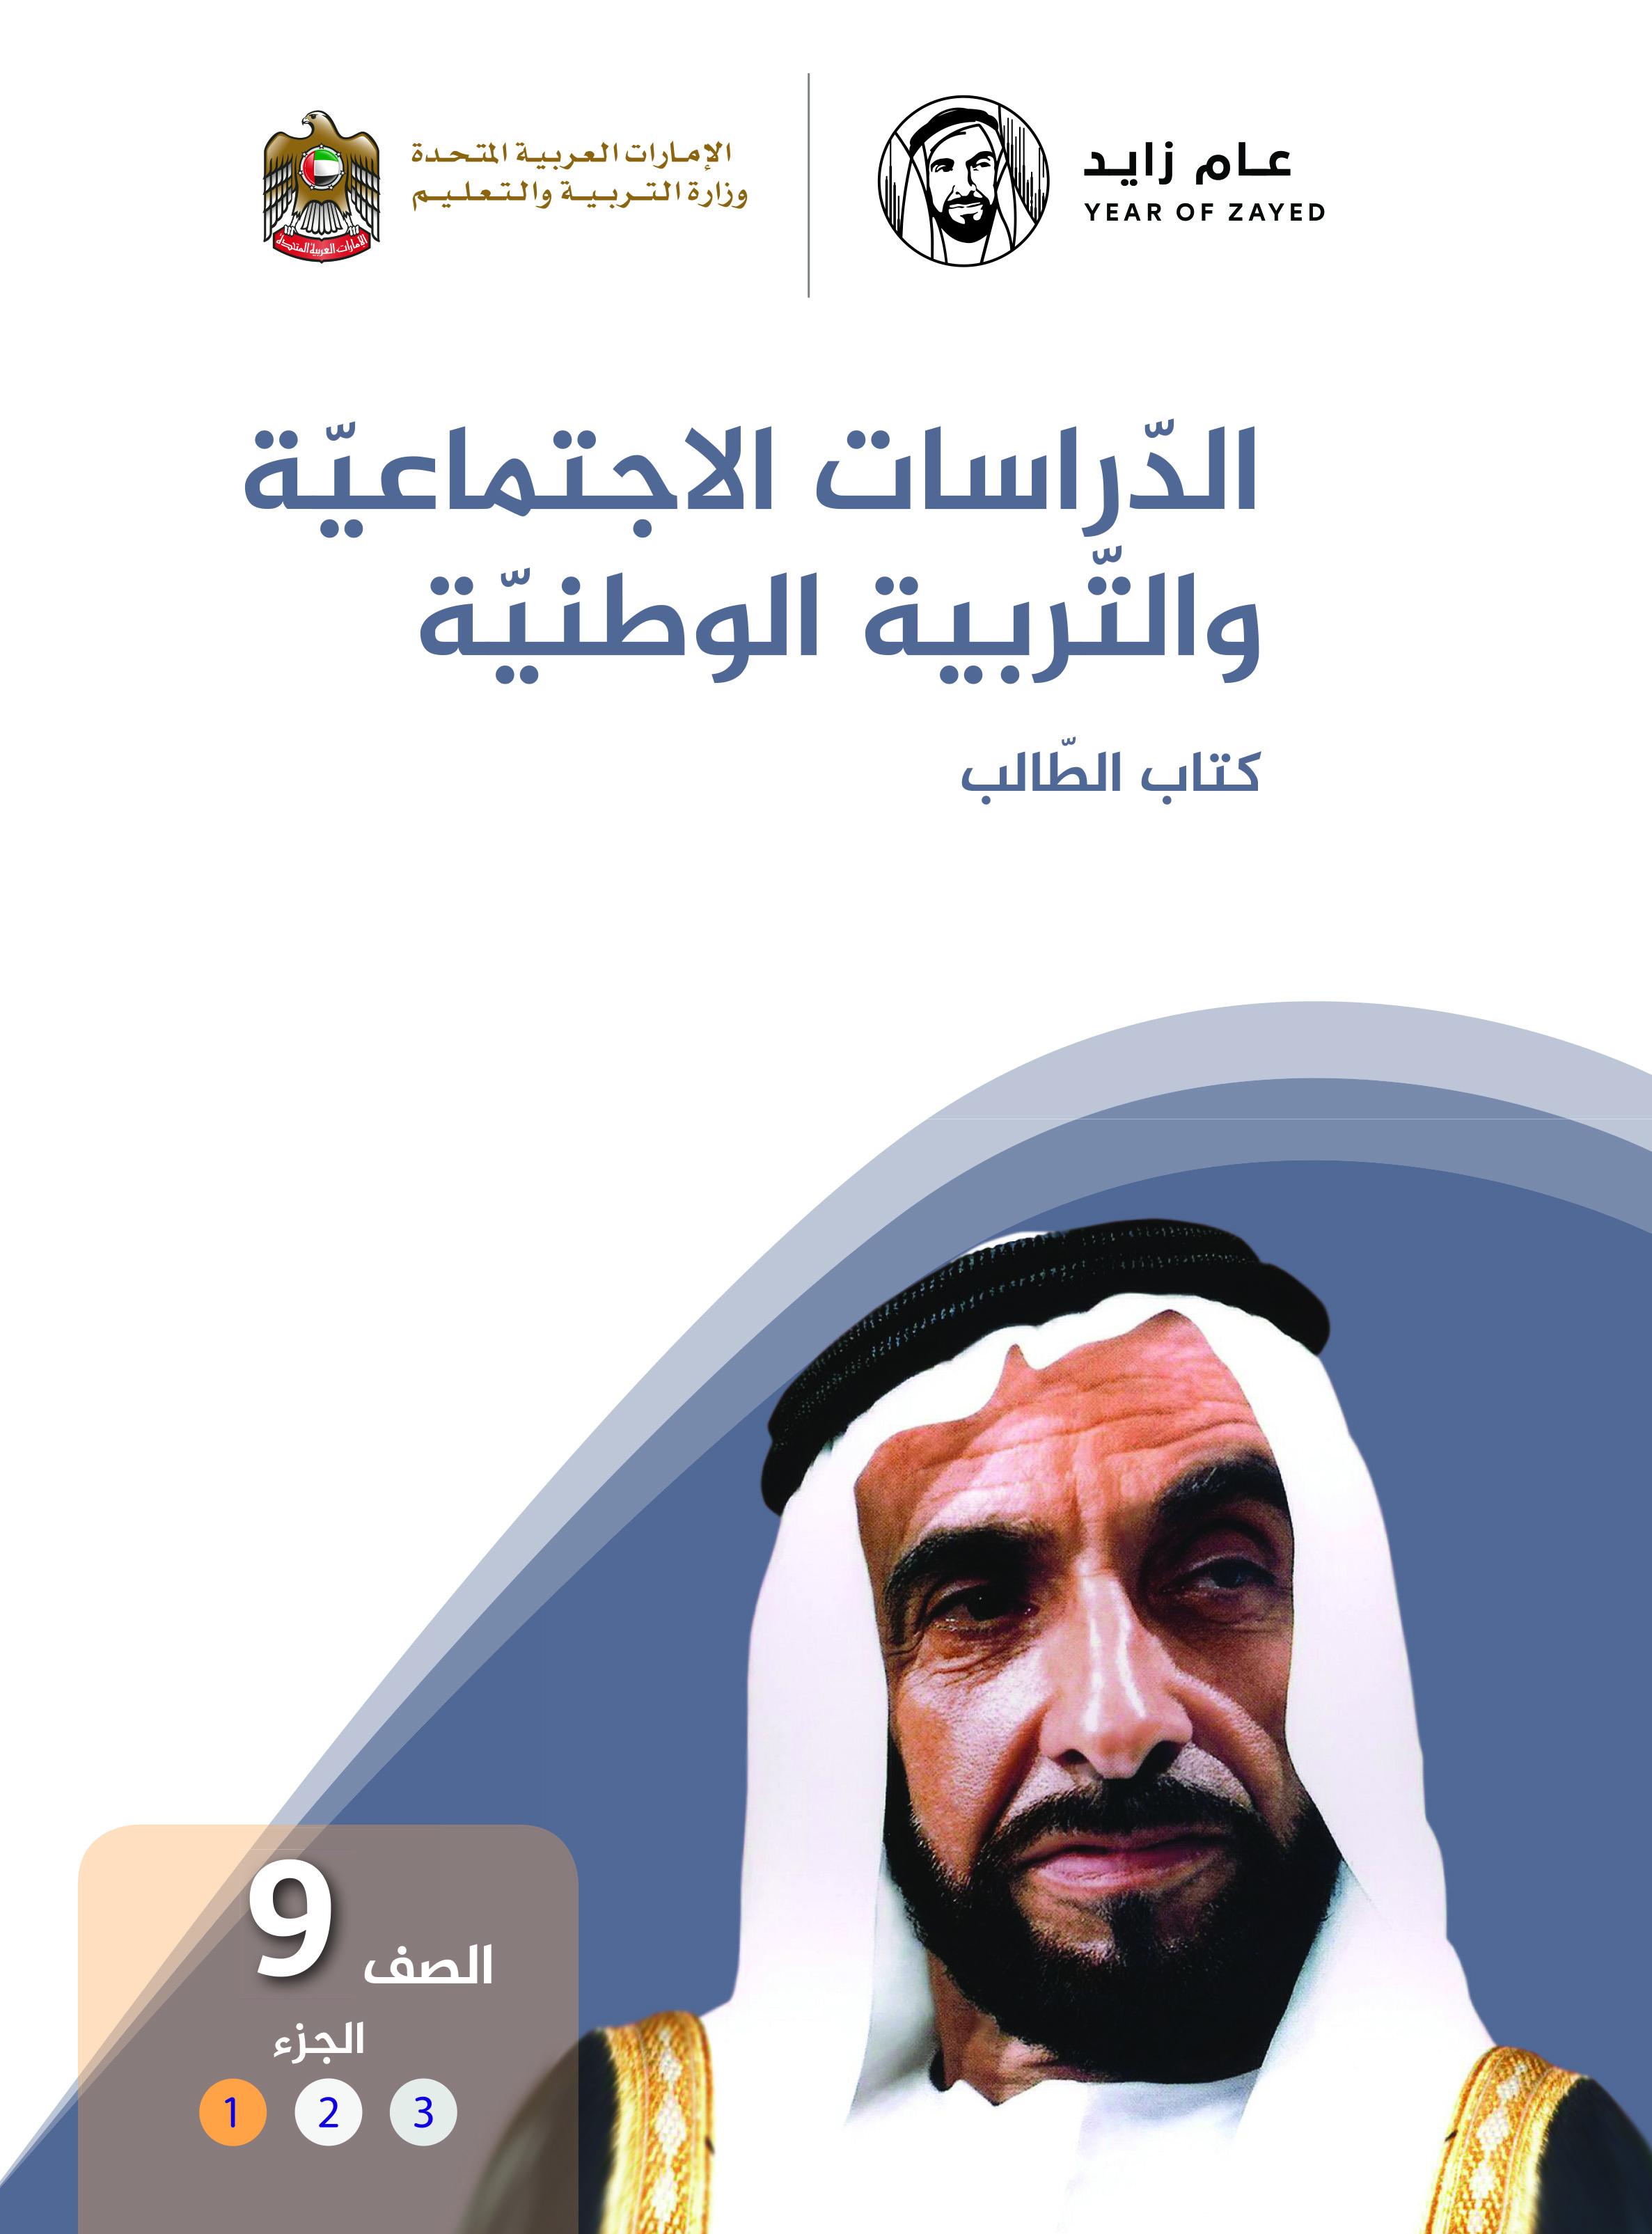 الدراسات الاجتماعية و التربية الوطنية - كتاب الطالب - الصف التاسع - الجزء الأول